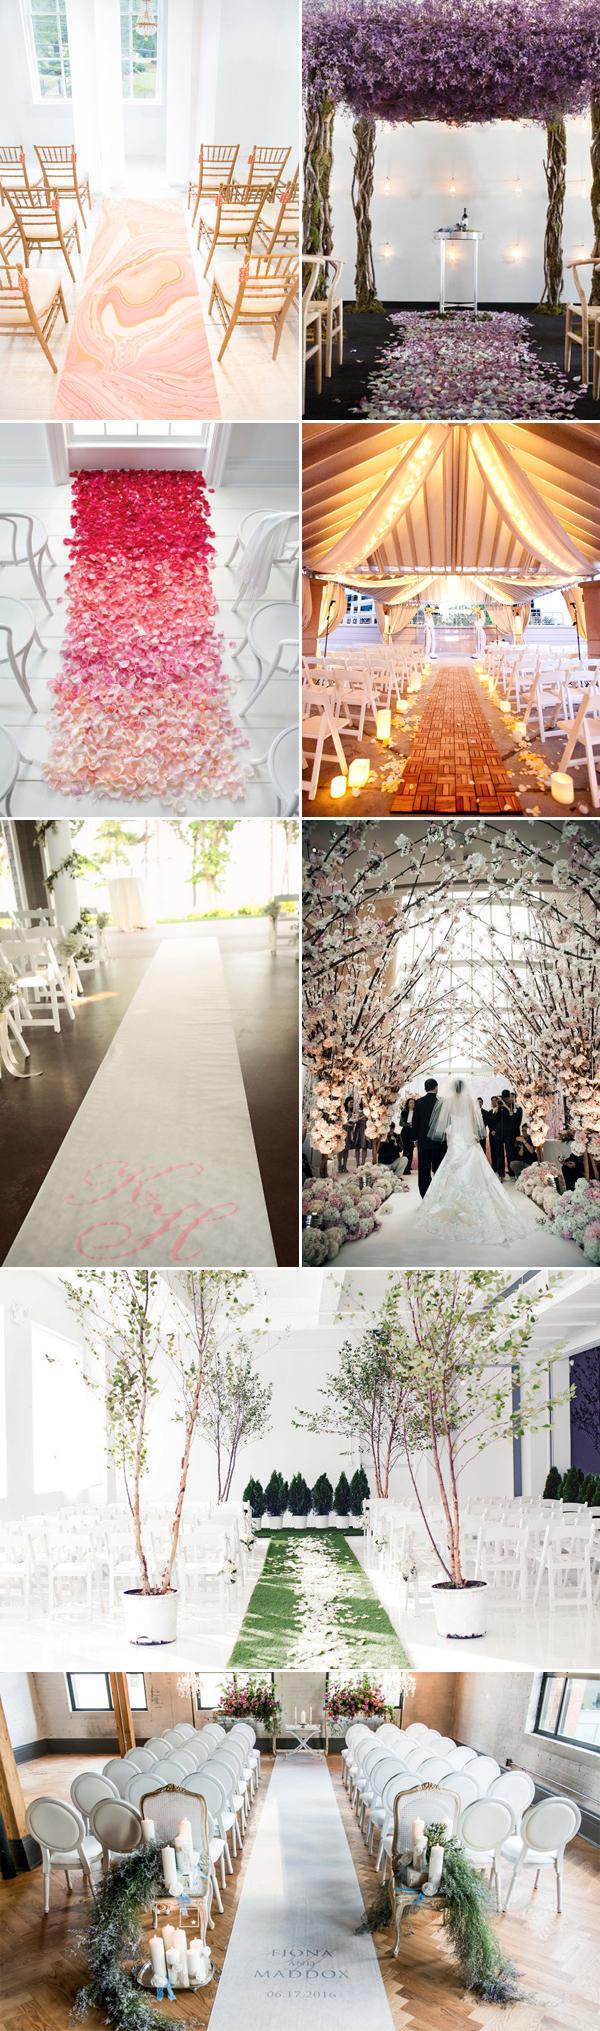 wedding runners Elegant Indoor Wedding